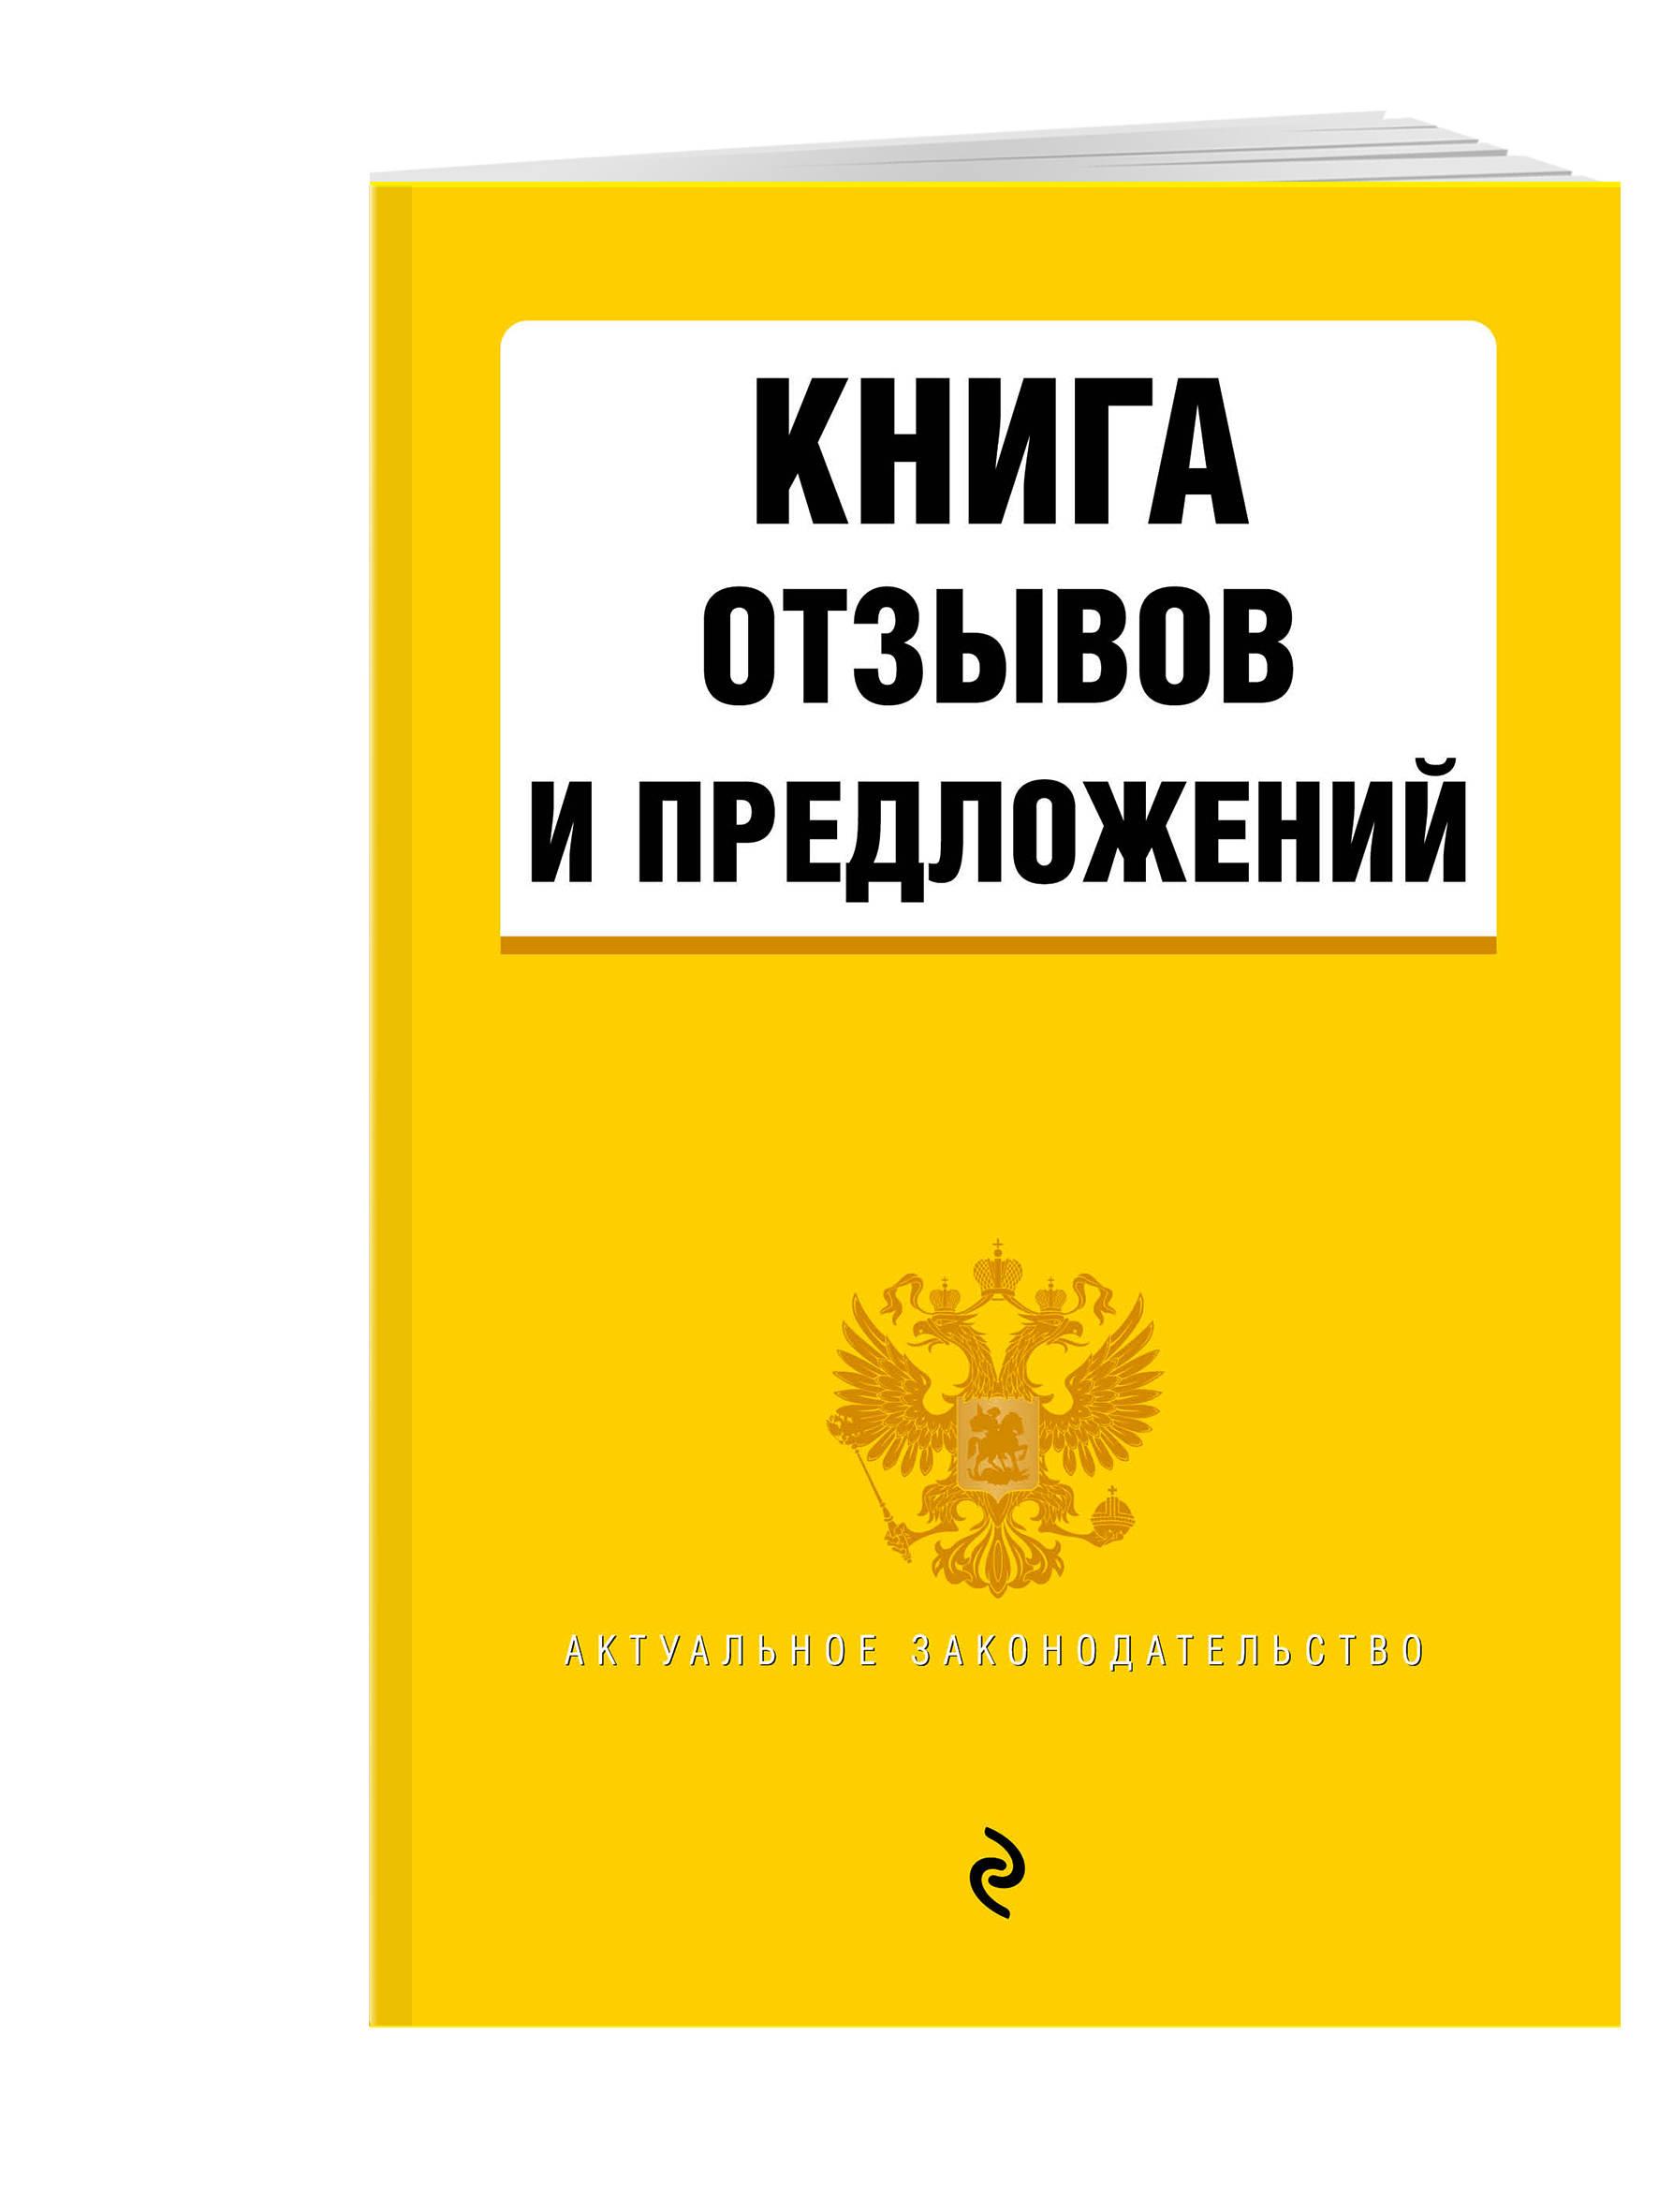 Книга отзывов и предложений 2019 безгодова т ред усанов в ред книга отзывов и предложений